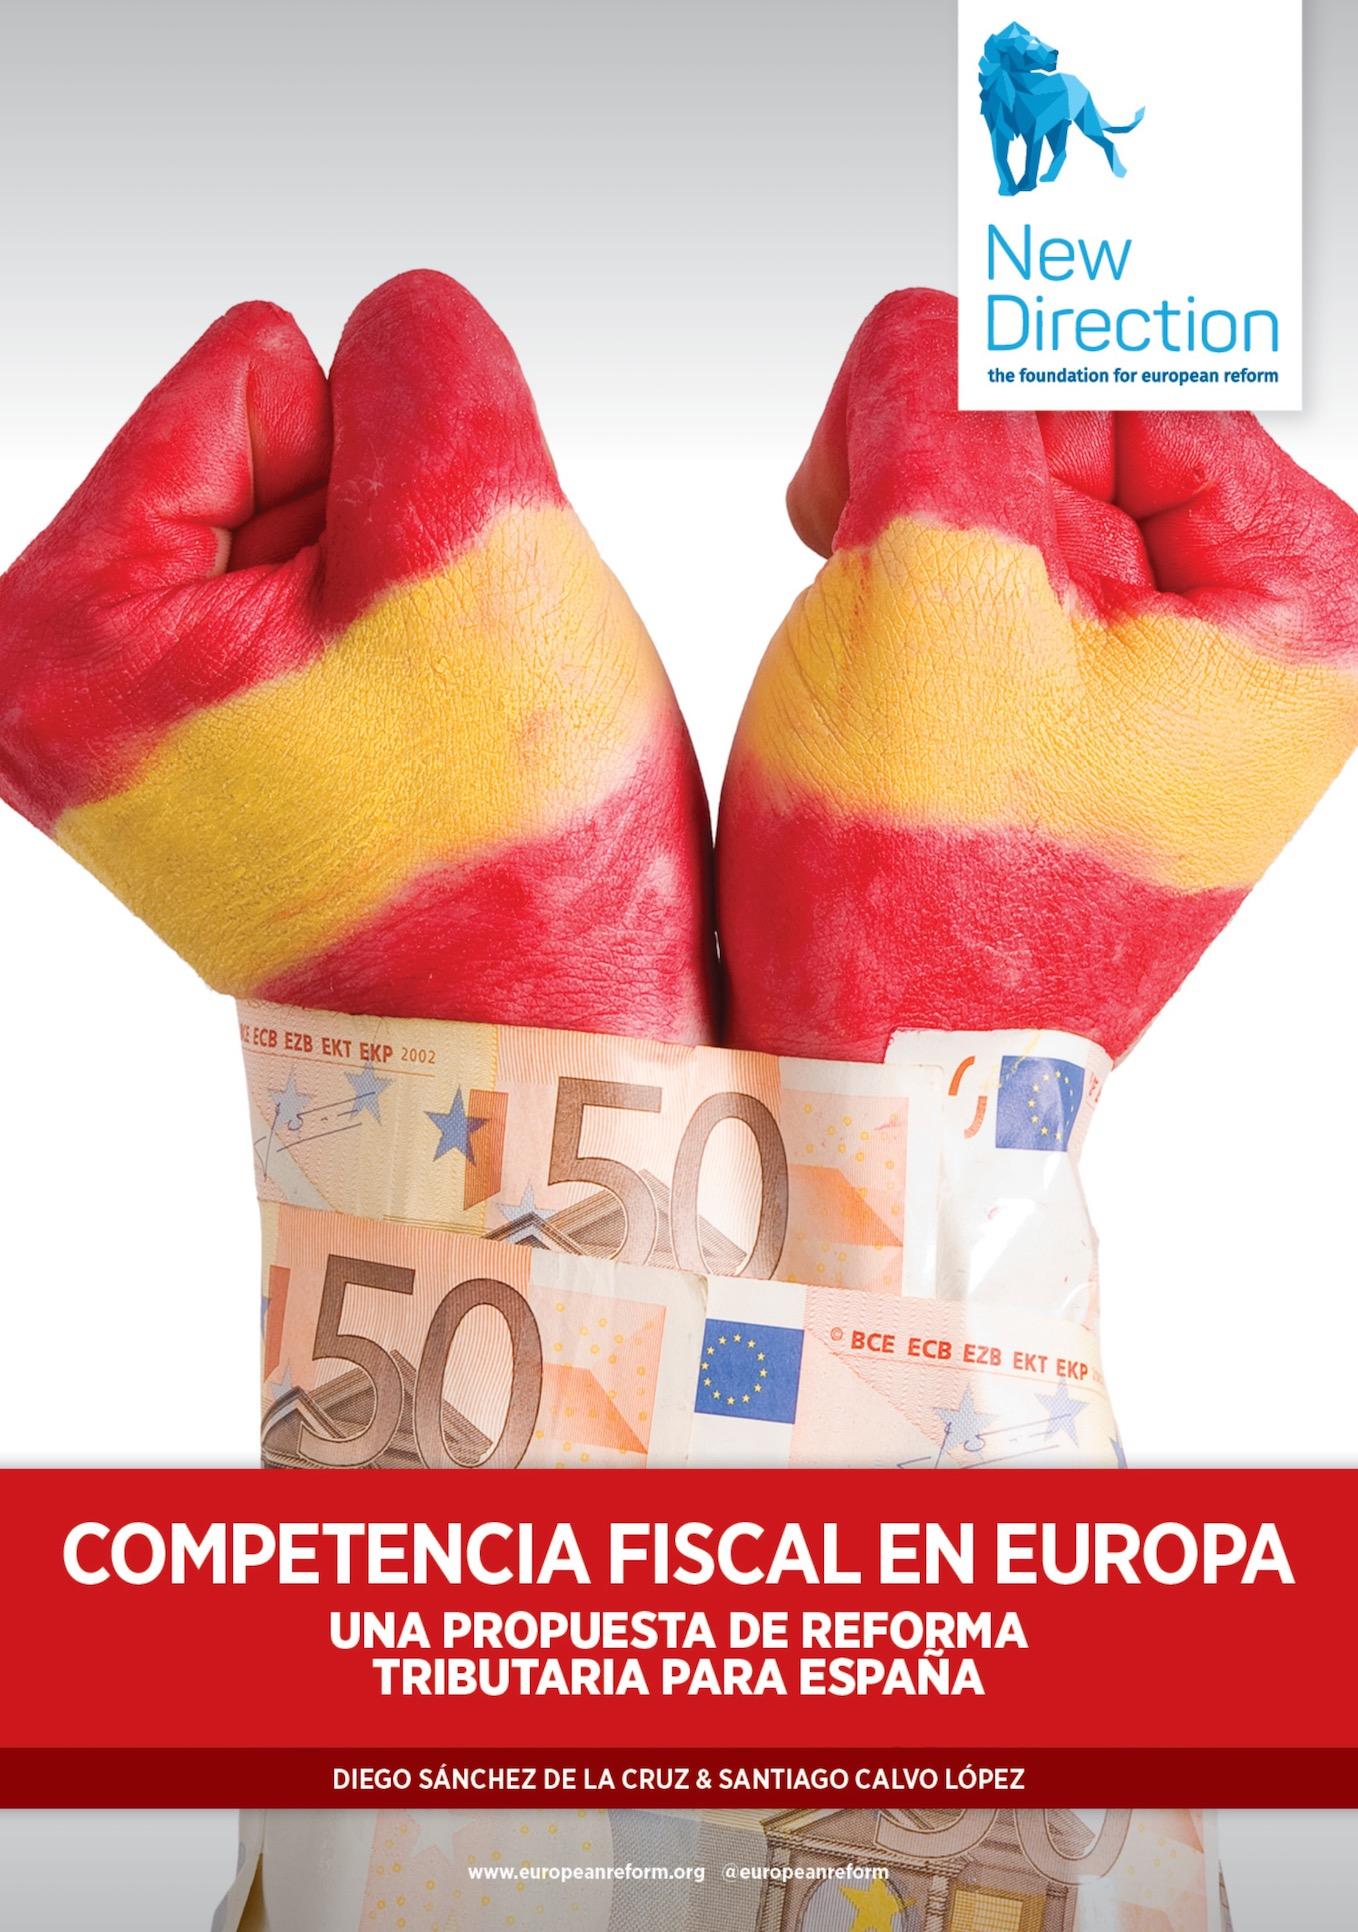 Competencia fiscal en Europa  - Una propuesta de reforma tributaria para España